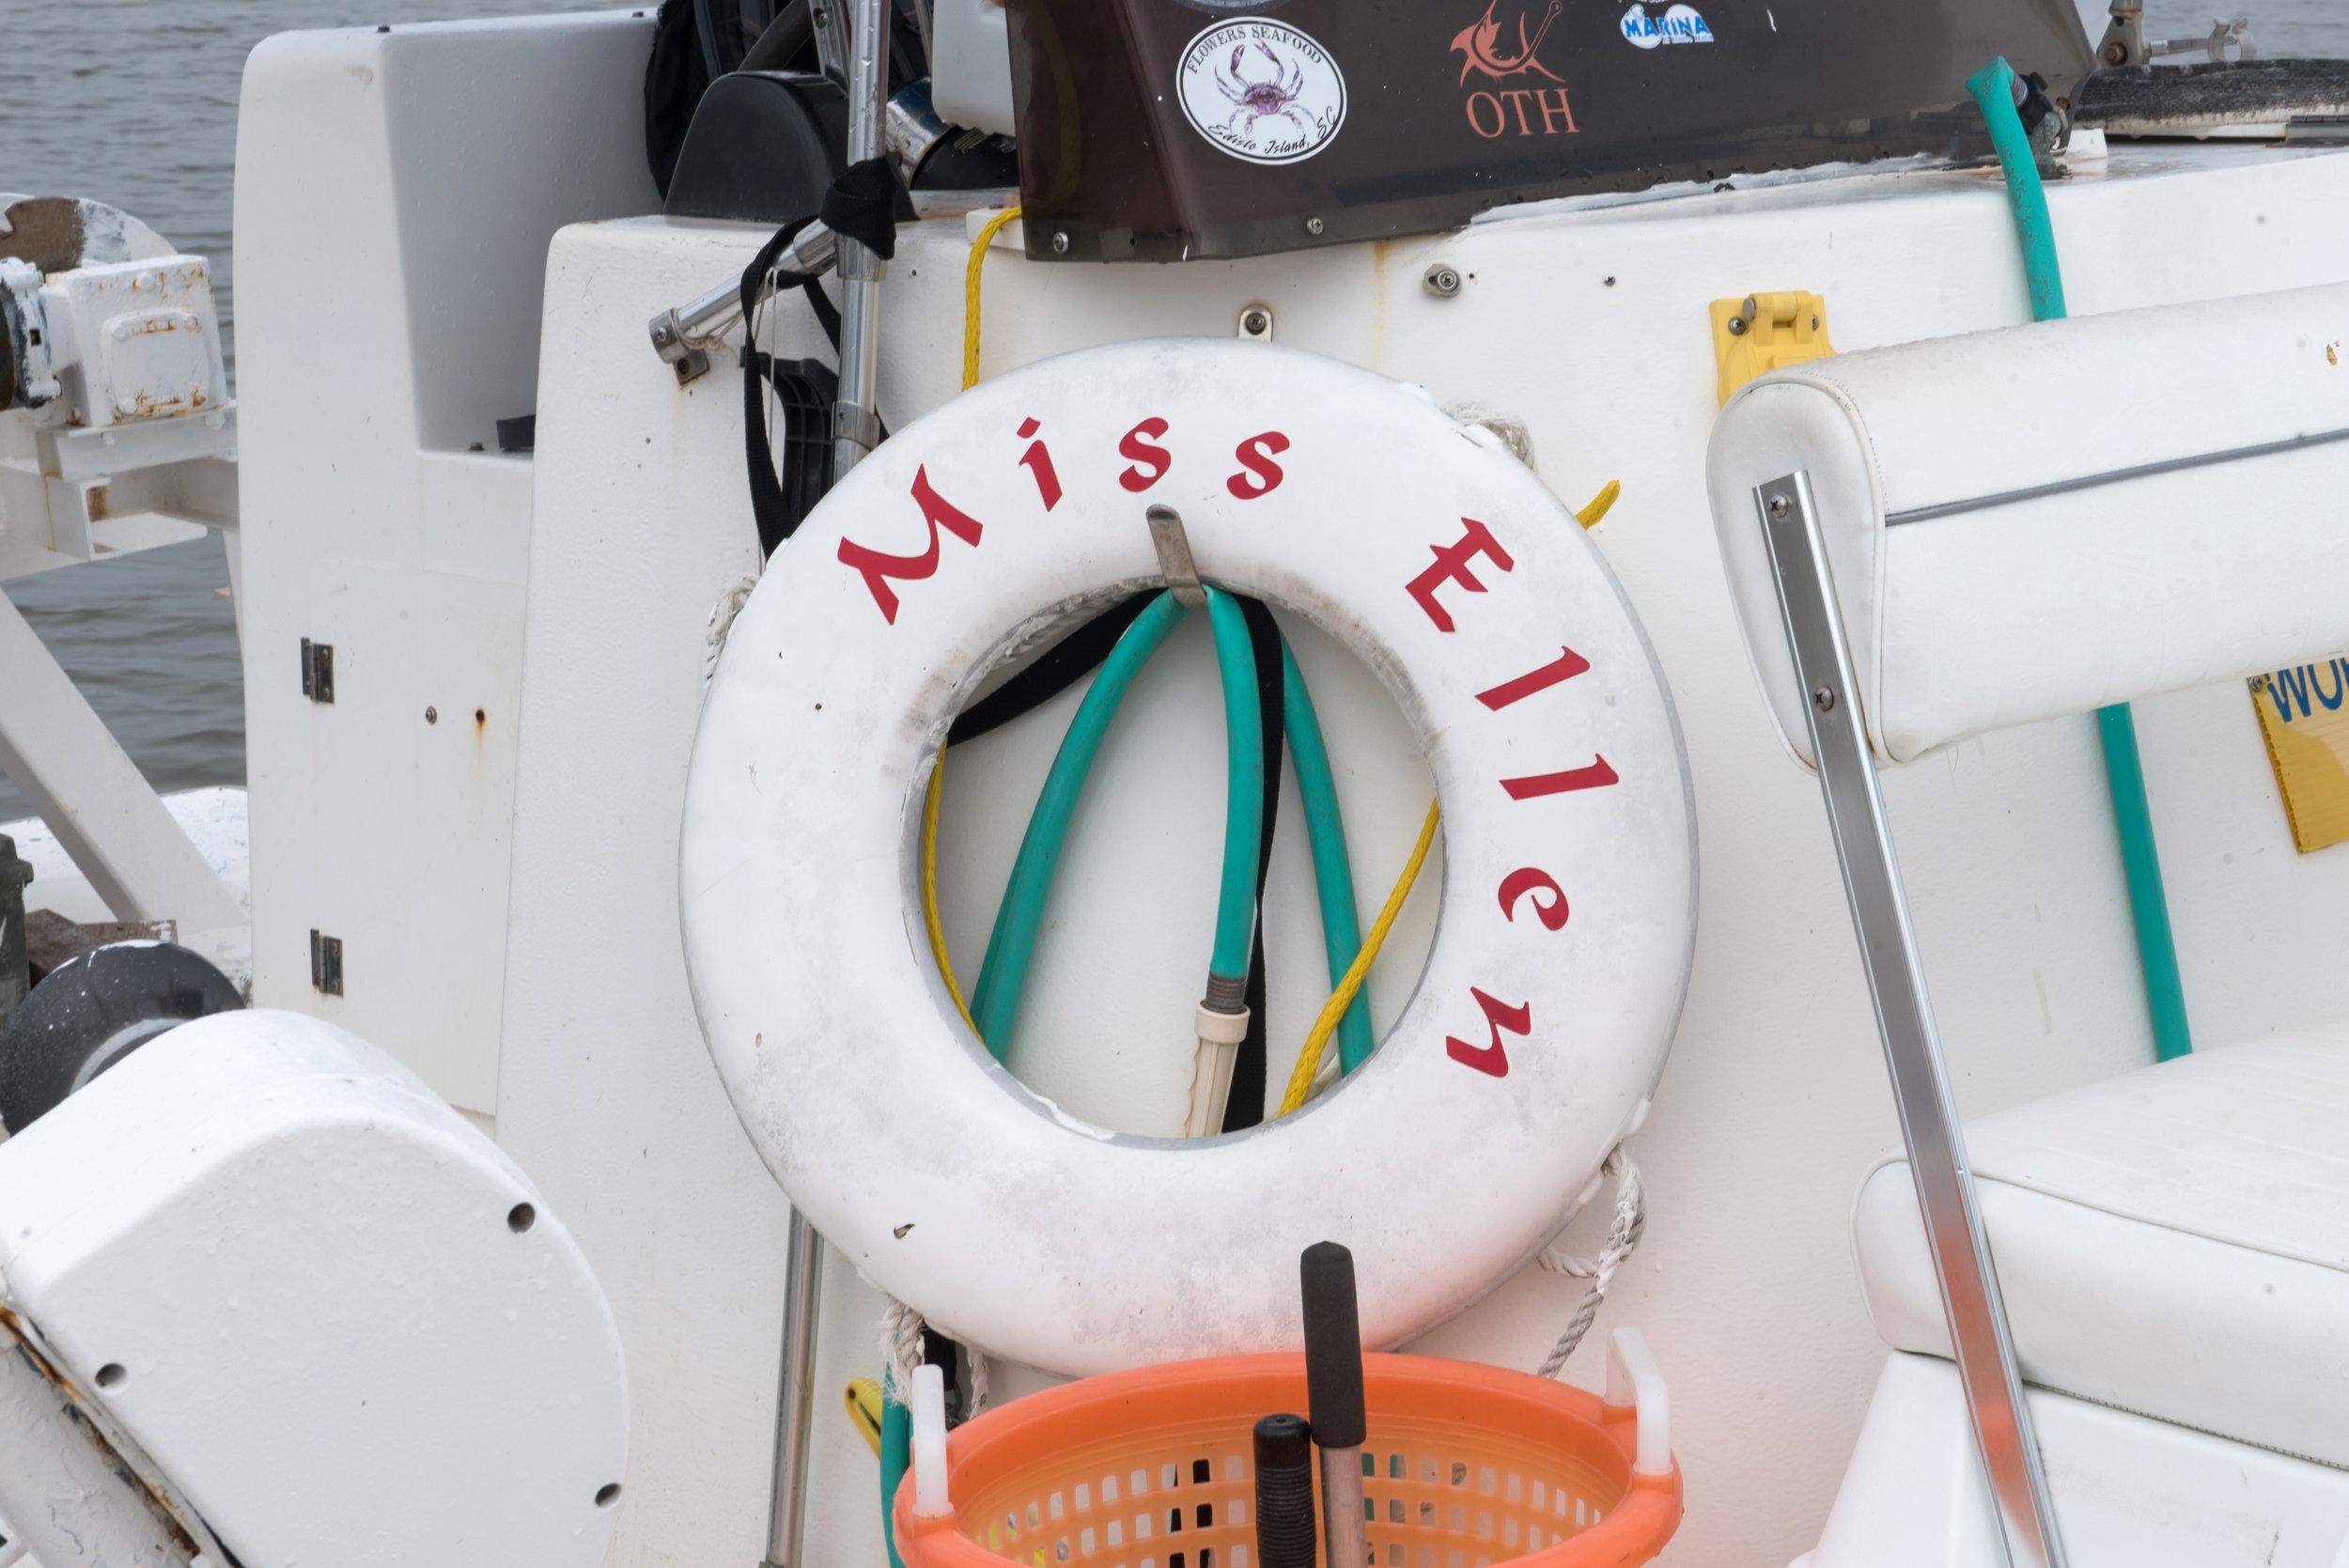 Shrimp_Boat_Charters-7062.jpg